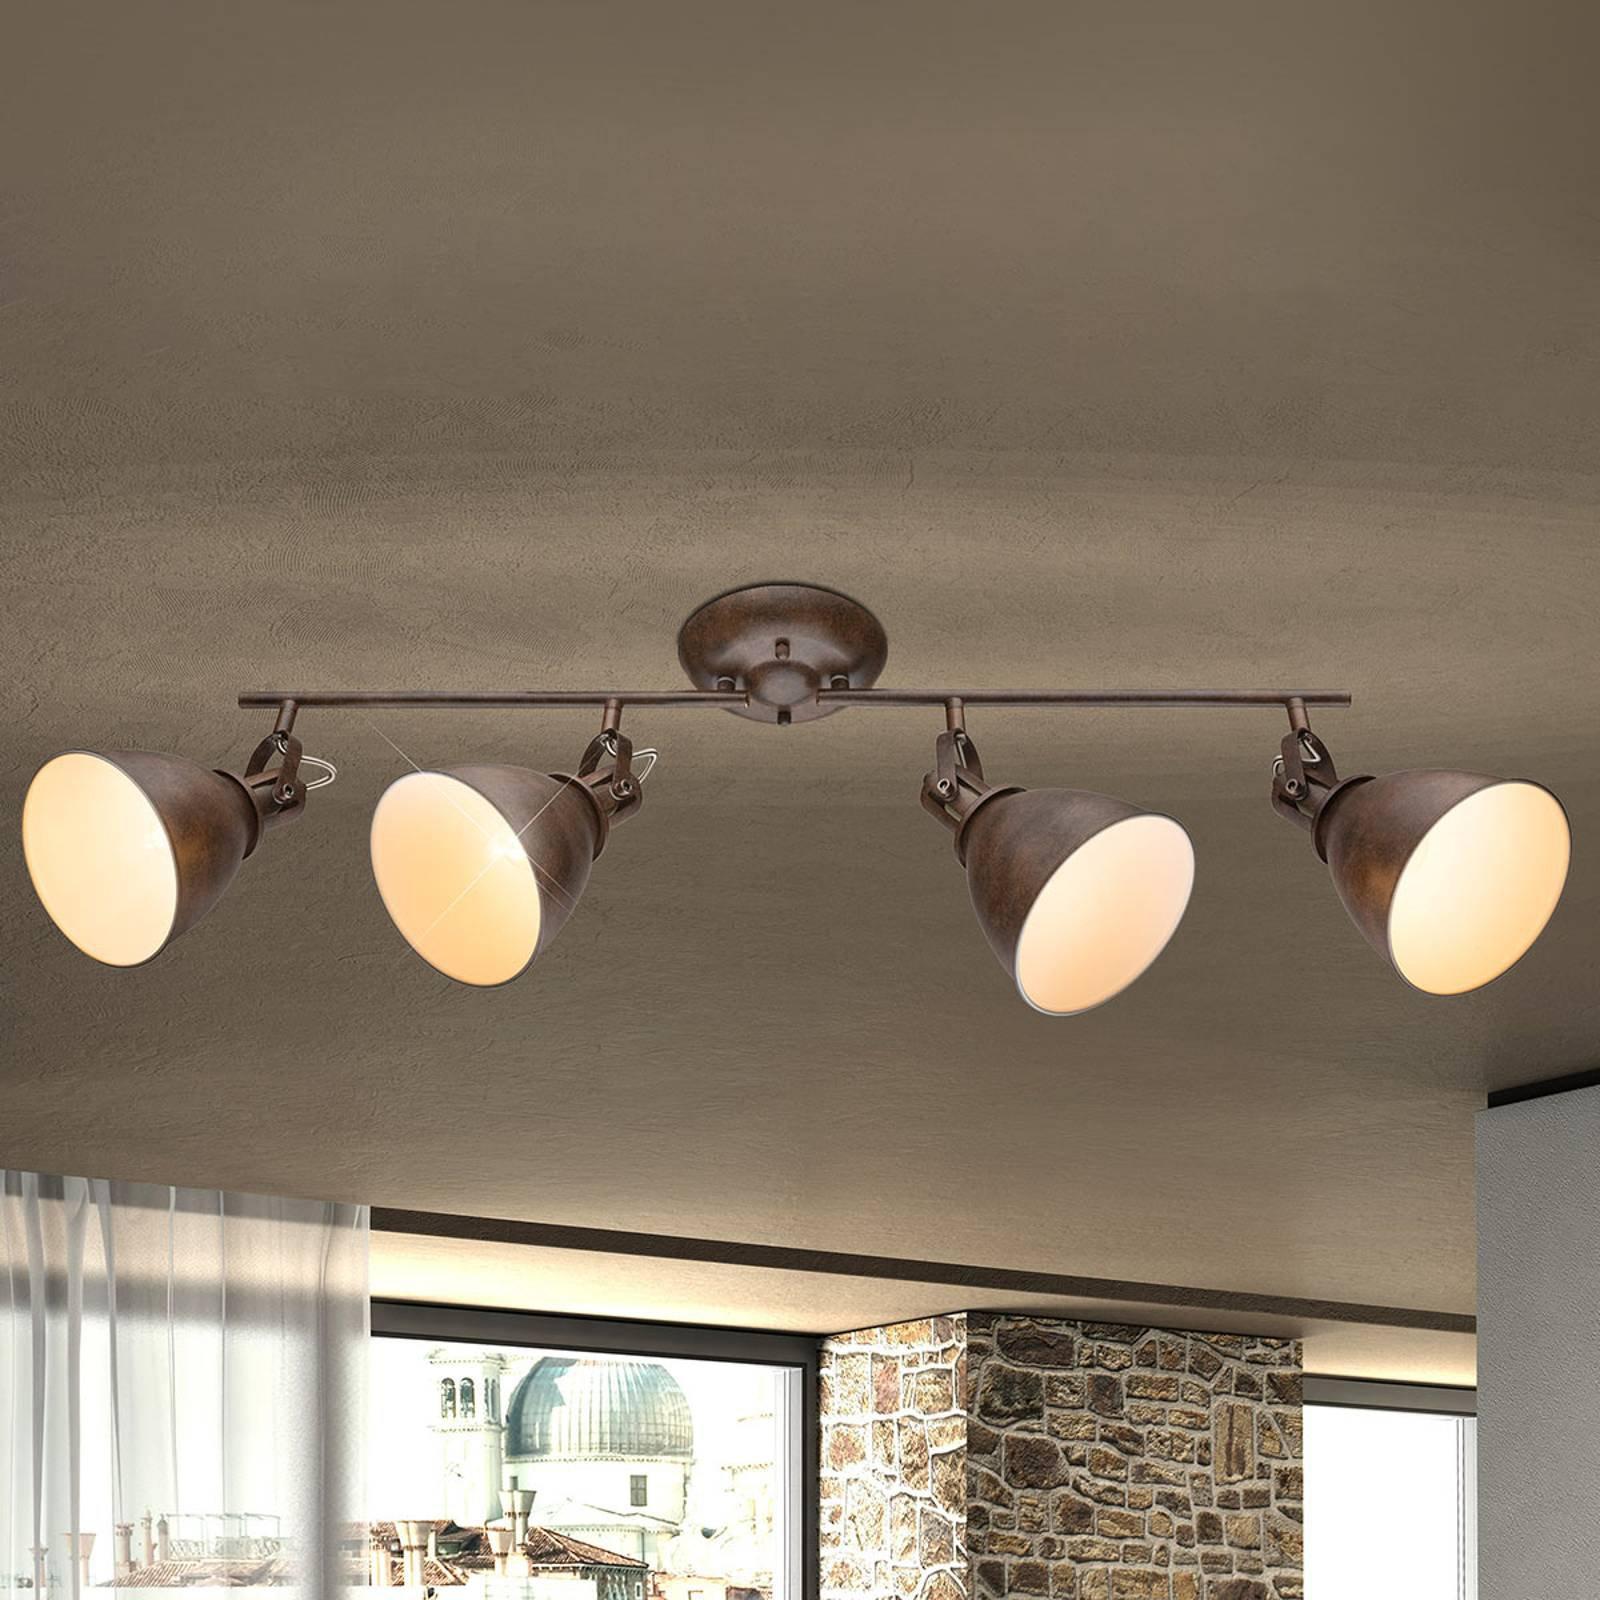 Giorgio – takspot med 4 lyskilder, i rustbrunt